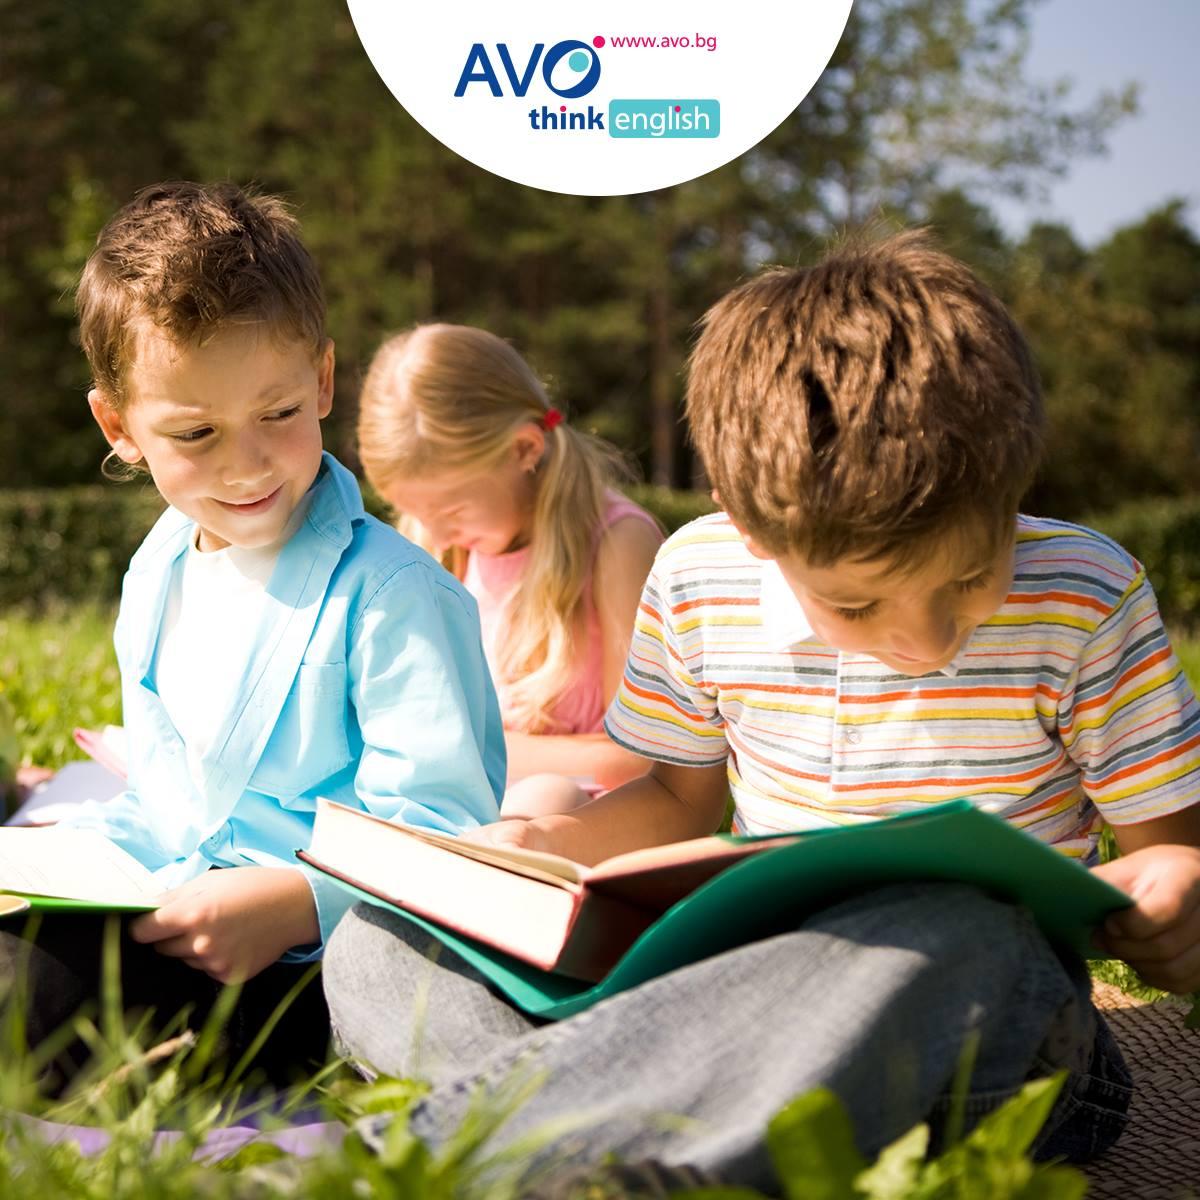 Летни курсове по анлийски за деца  1 - 4 клас